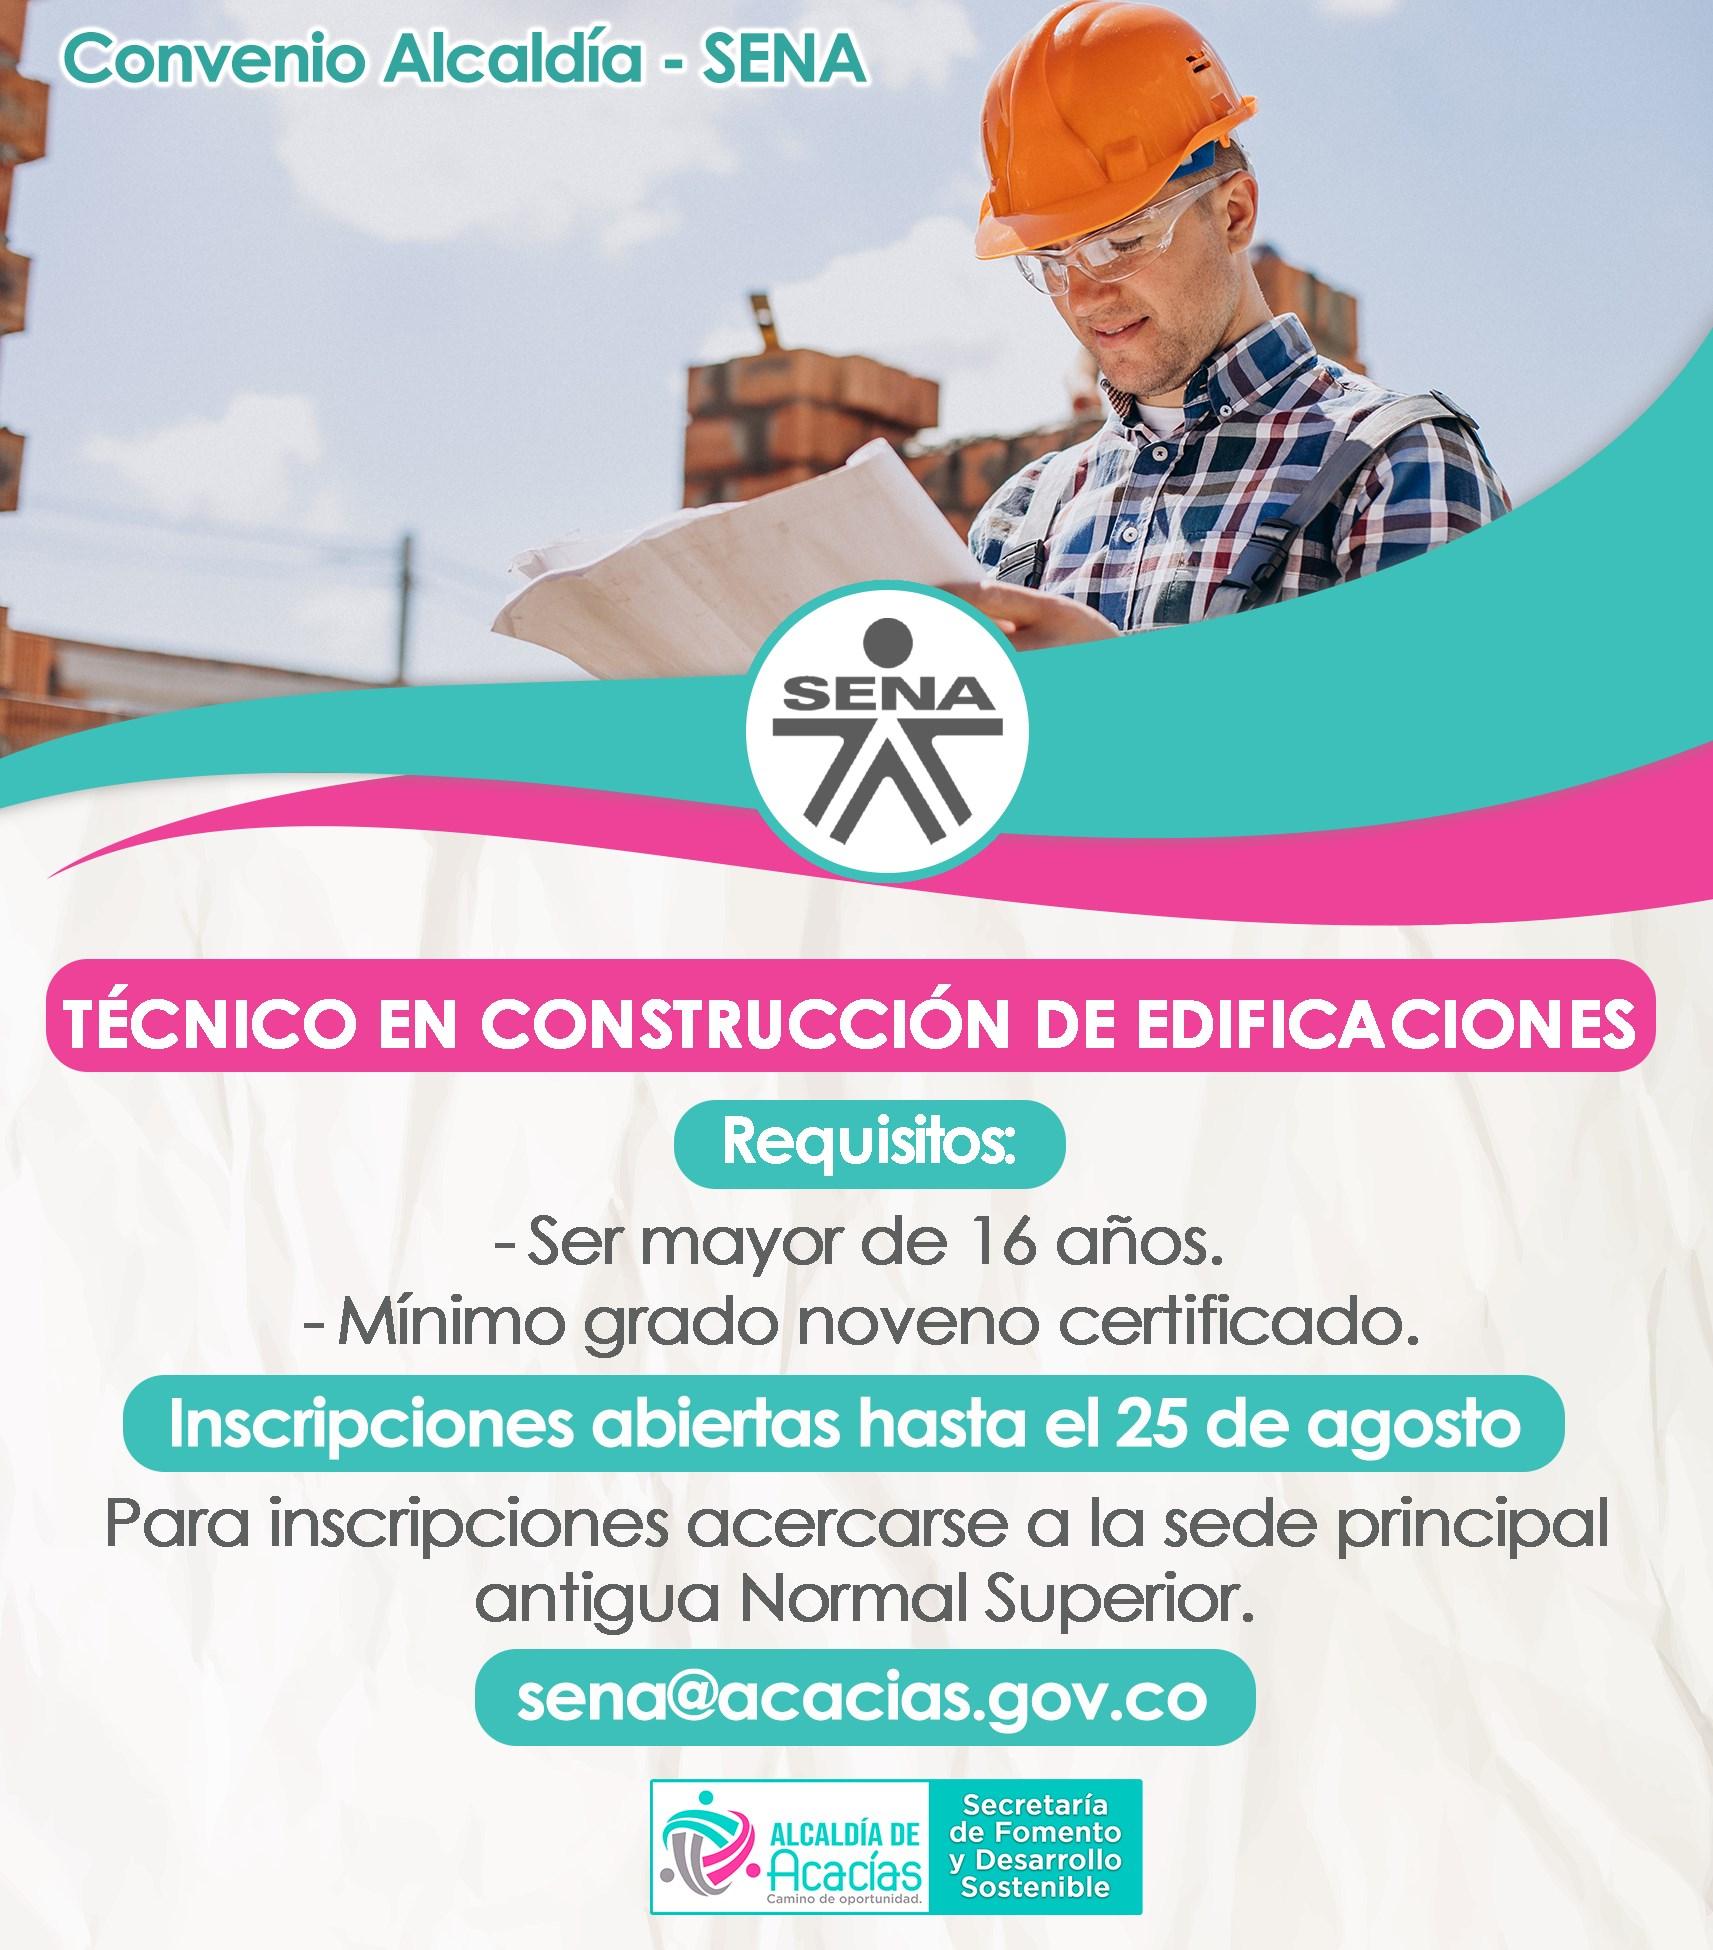 Técnico en Construcción de Edificaciones